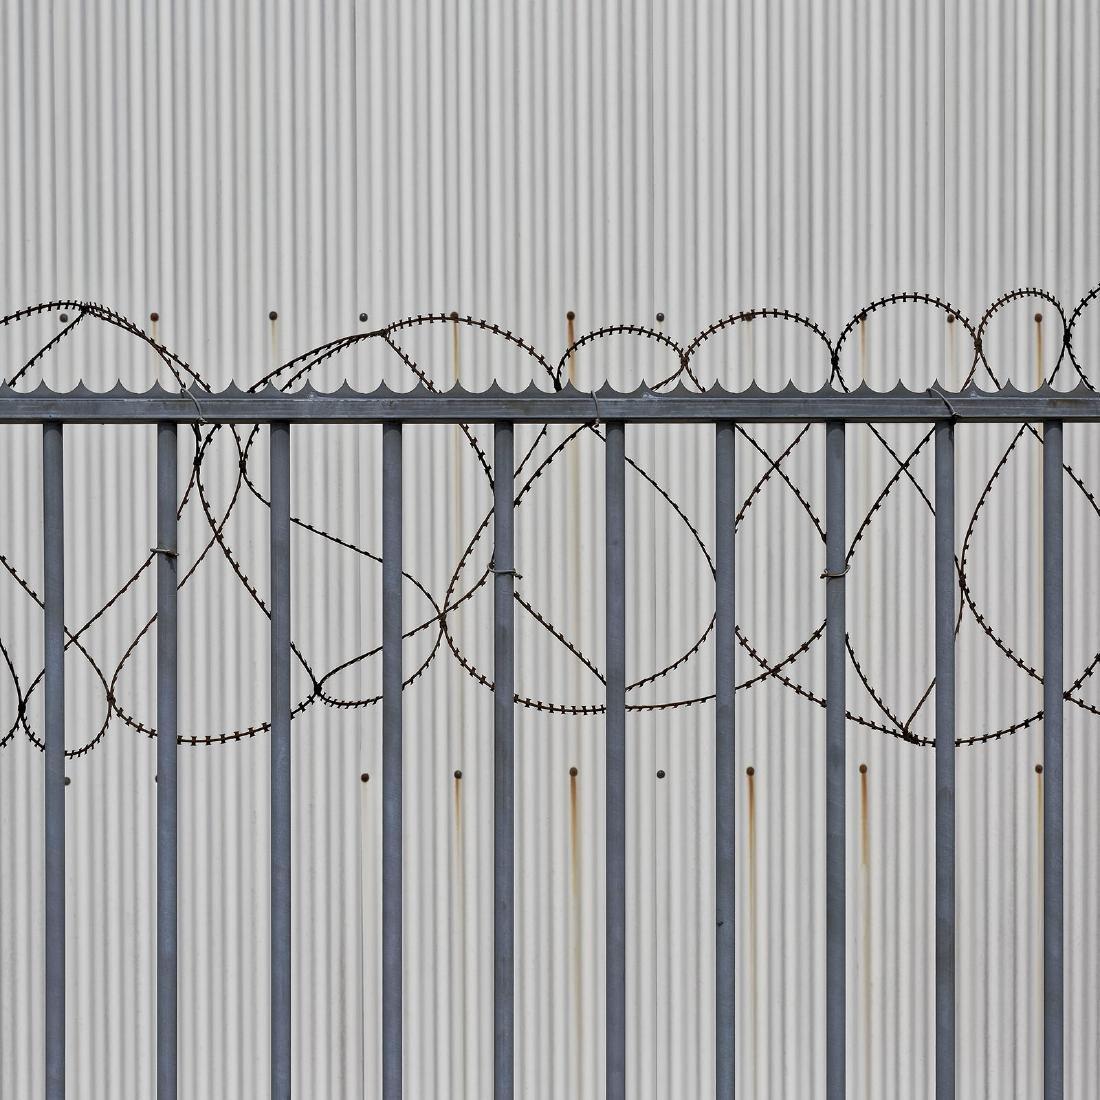 Chris Fraikin Photograph No Entrance II